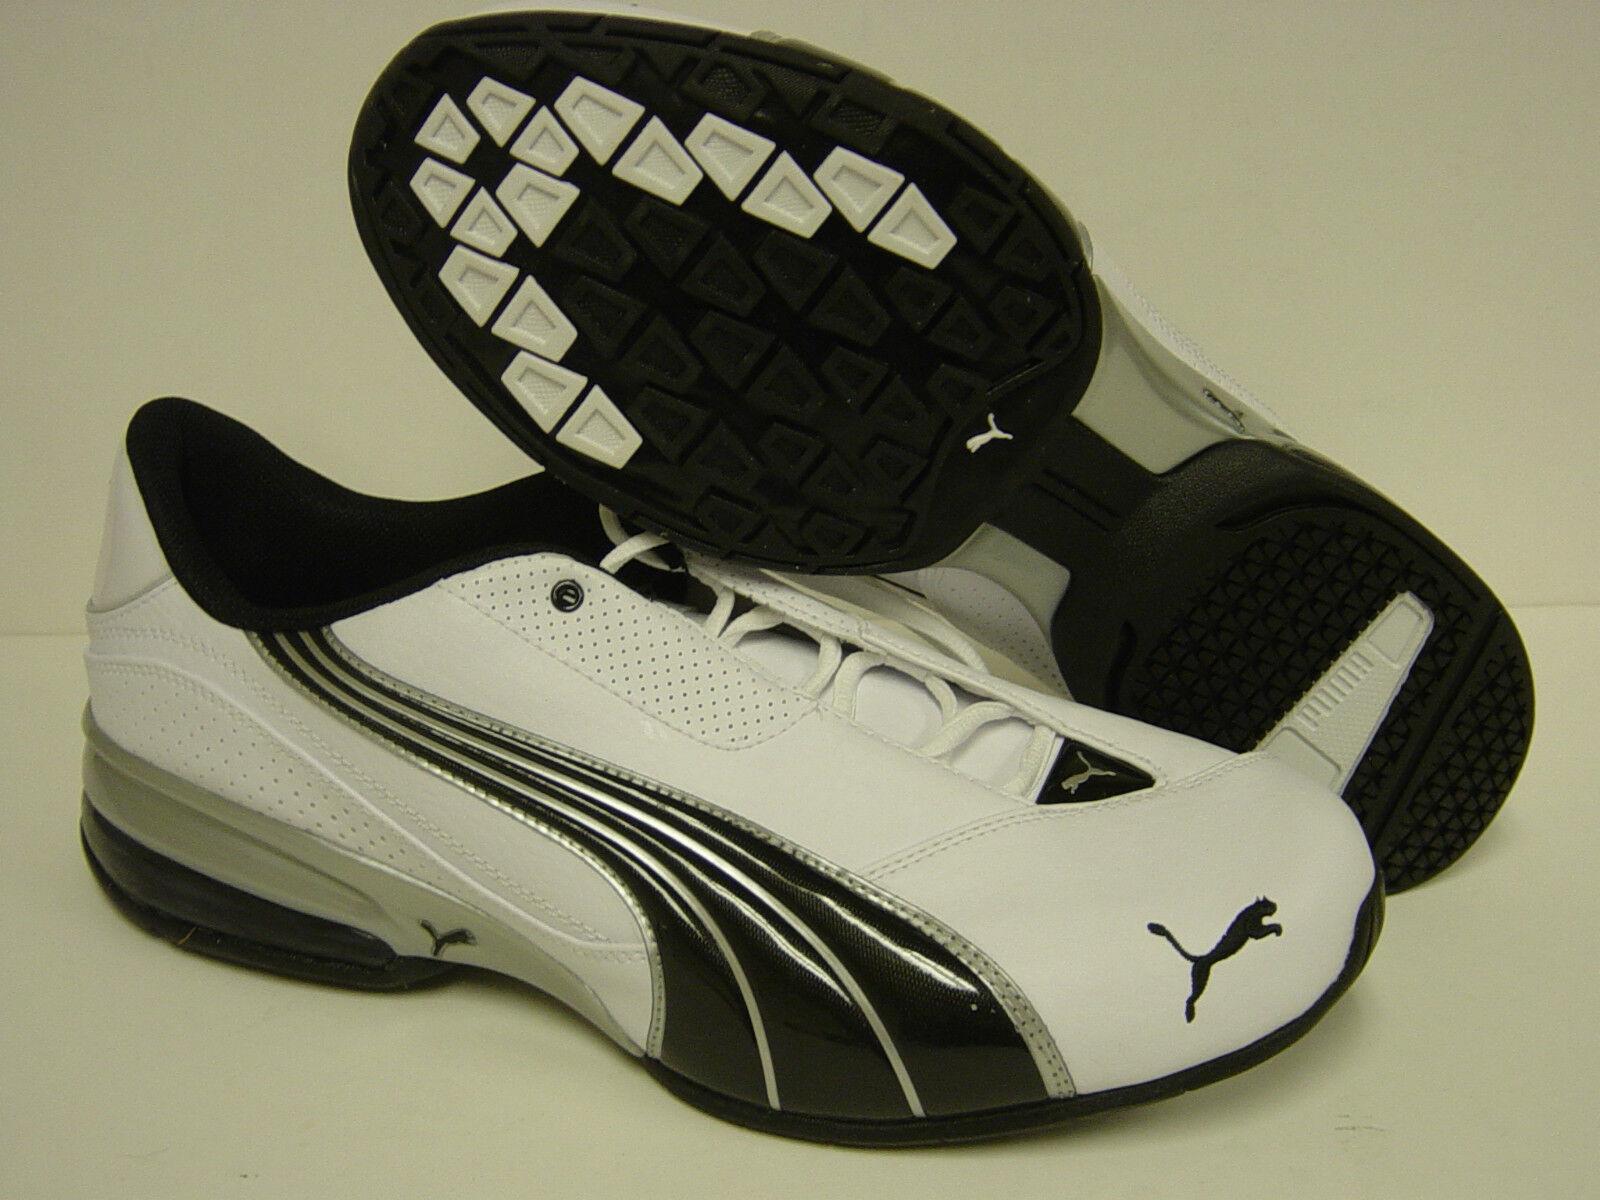 Nuevo Para Hombre Puma Cell Jago 6 185009 09 blancoo Negro Plata Zapatillas Zapatos